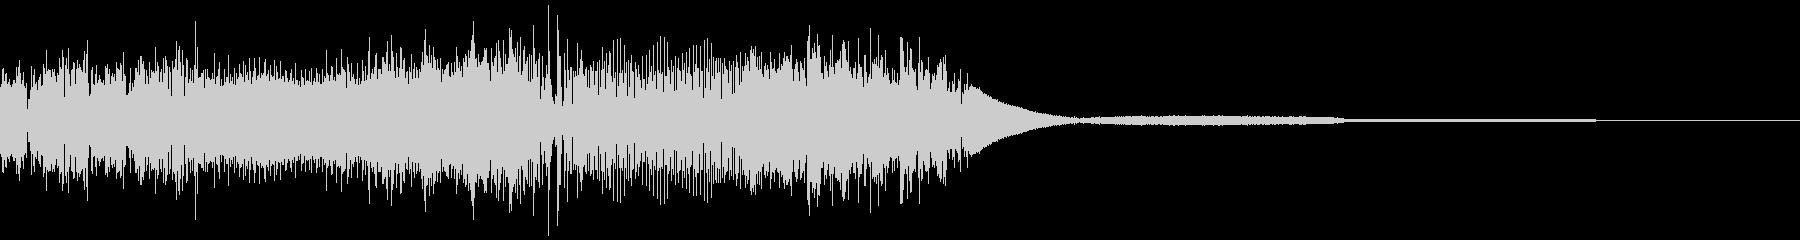 ロボットの動作音(アニメ風)の未再生の波形